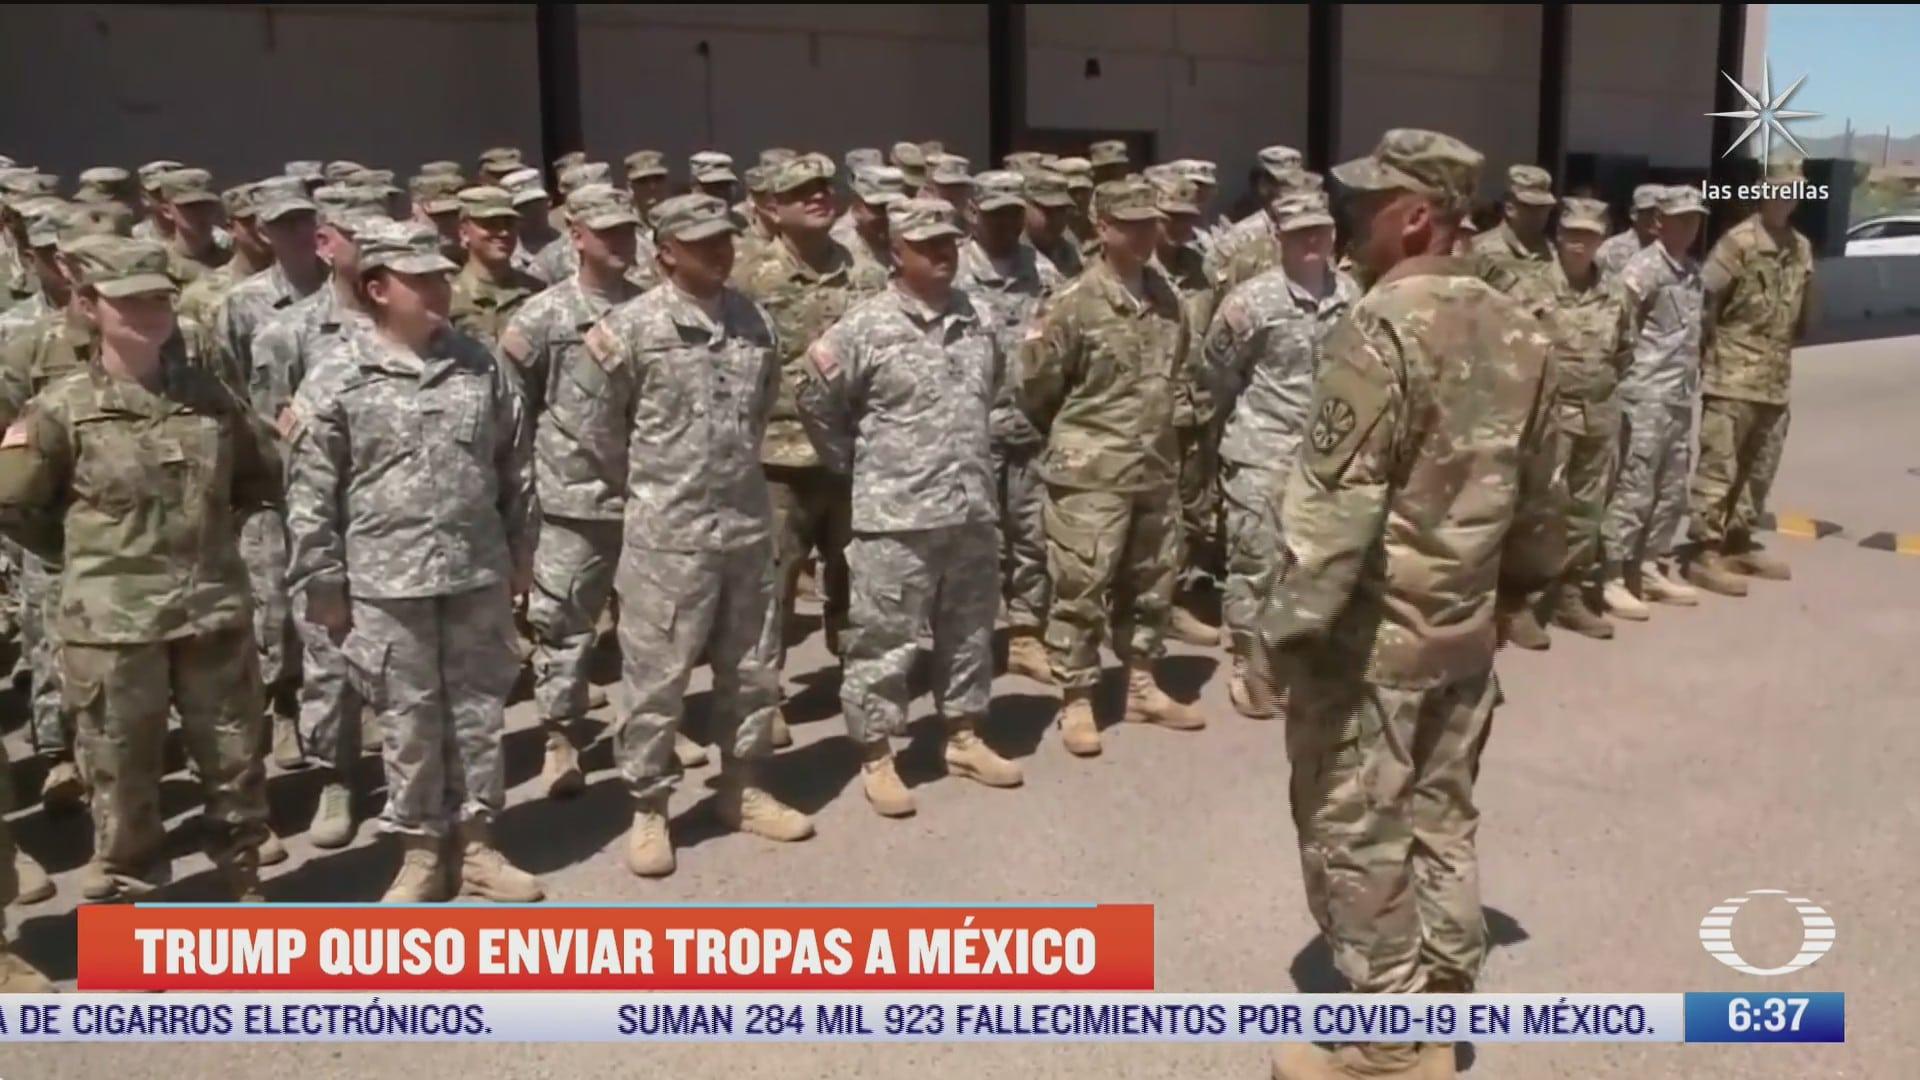 trump penso en enviar tropas a mexico para buscar a carteles de las drogas segun the new york times